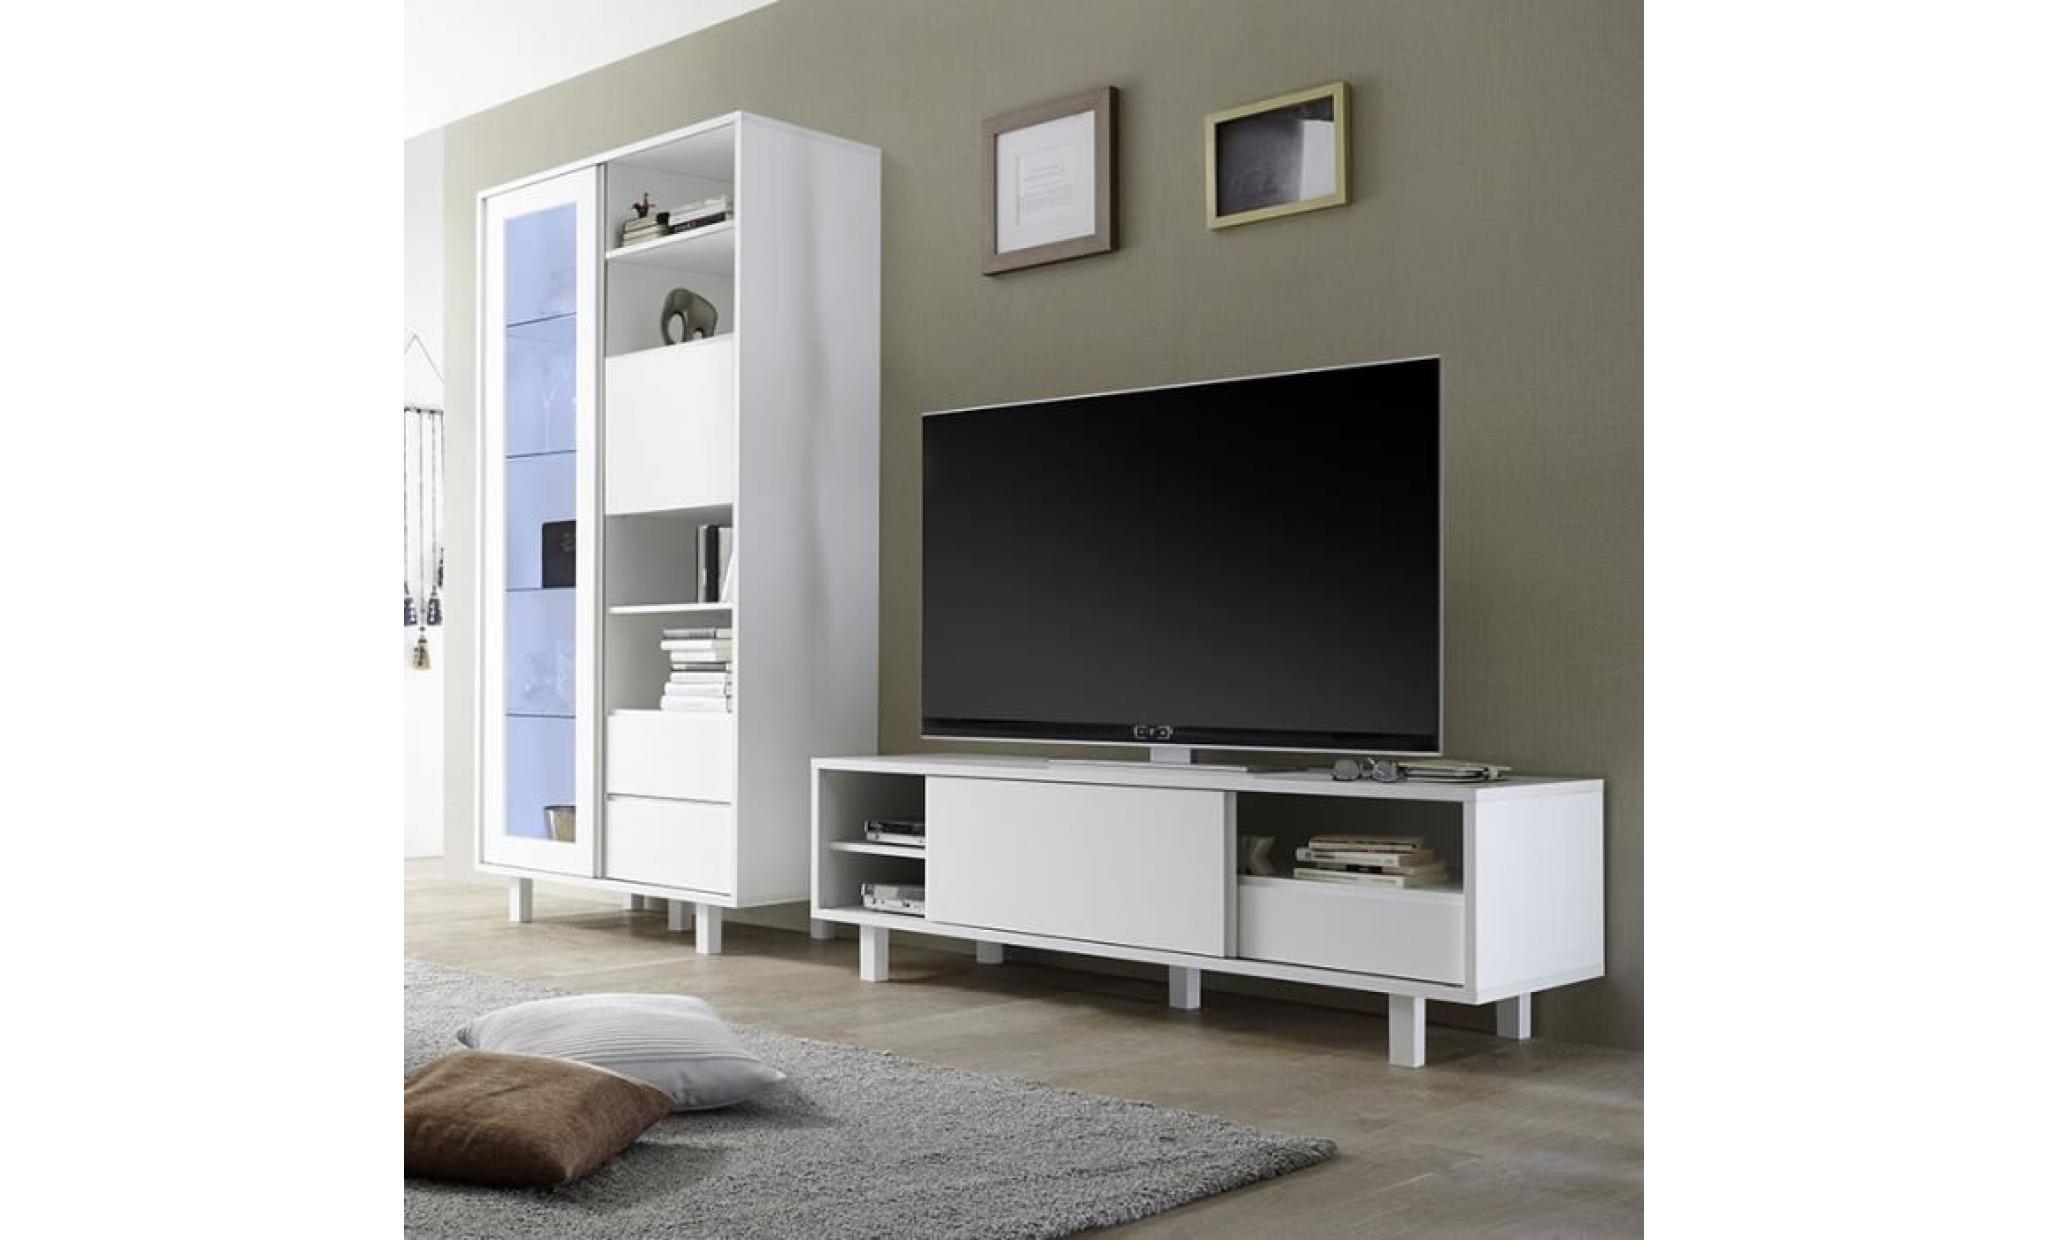 Ensemble Meuble Tv Design Blanc Laque Palazio Sans Eclairage Achat Vente Meuble Tv Pas Cher Couleur Et Design Fr